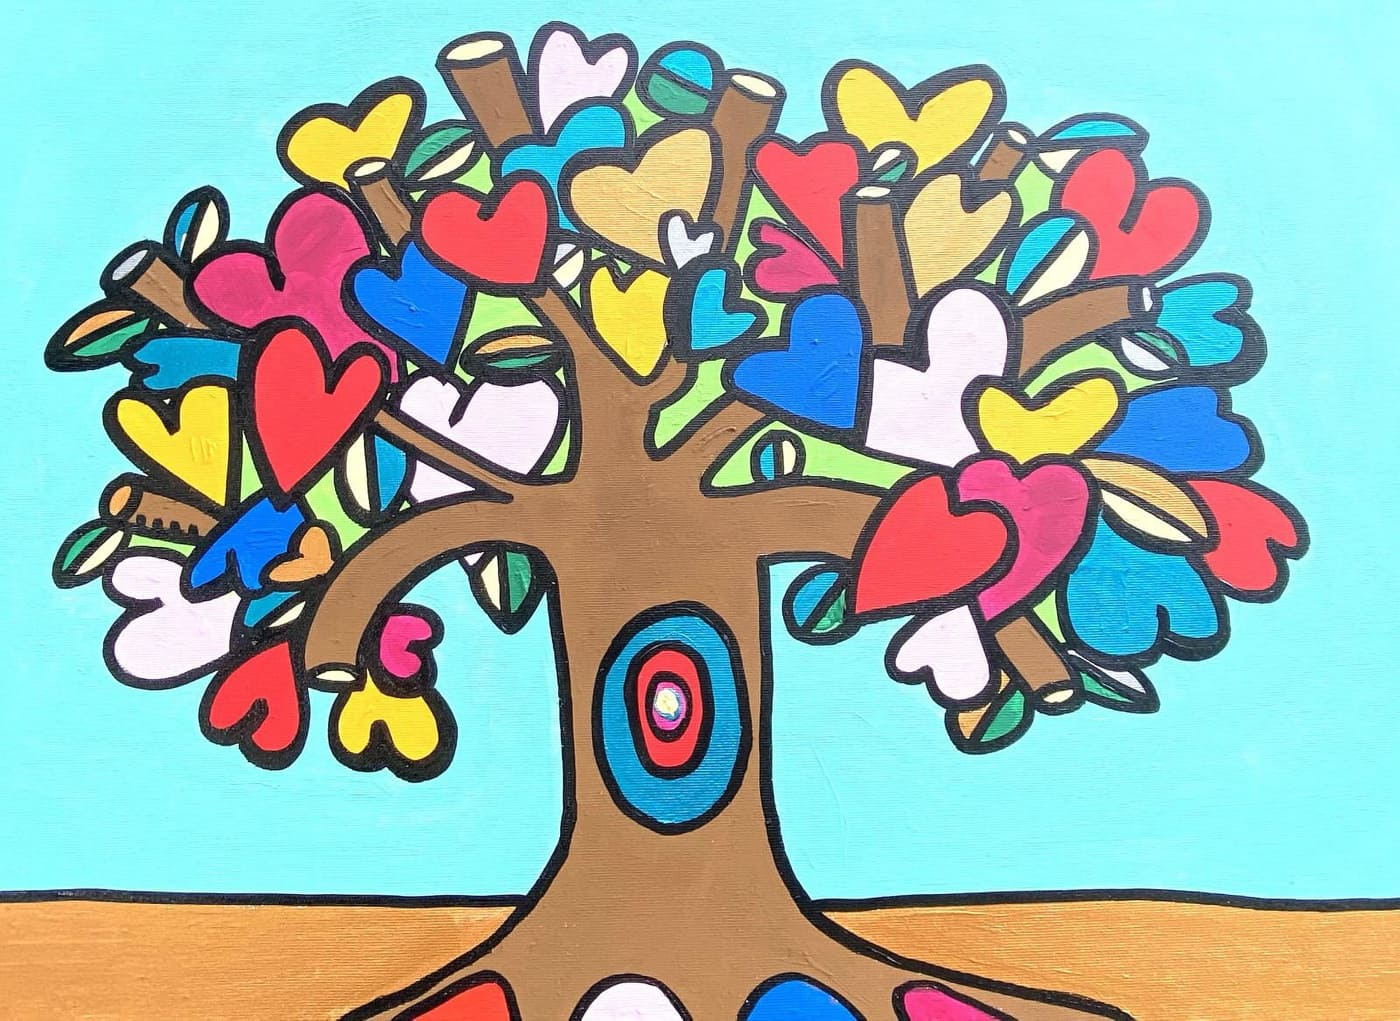 L'albero della Pace colora Avigliano Umbro